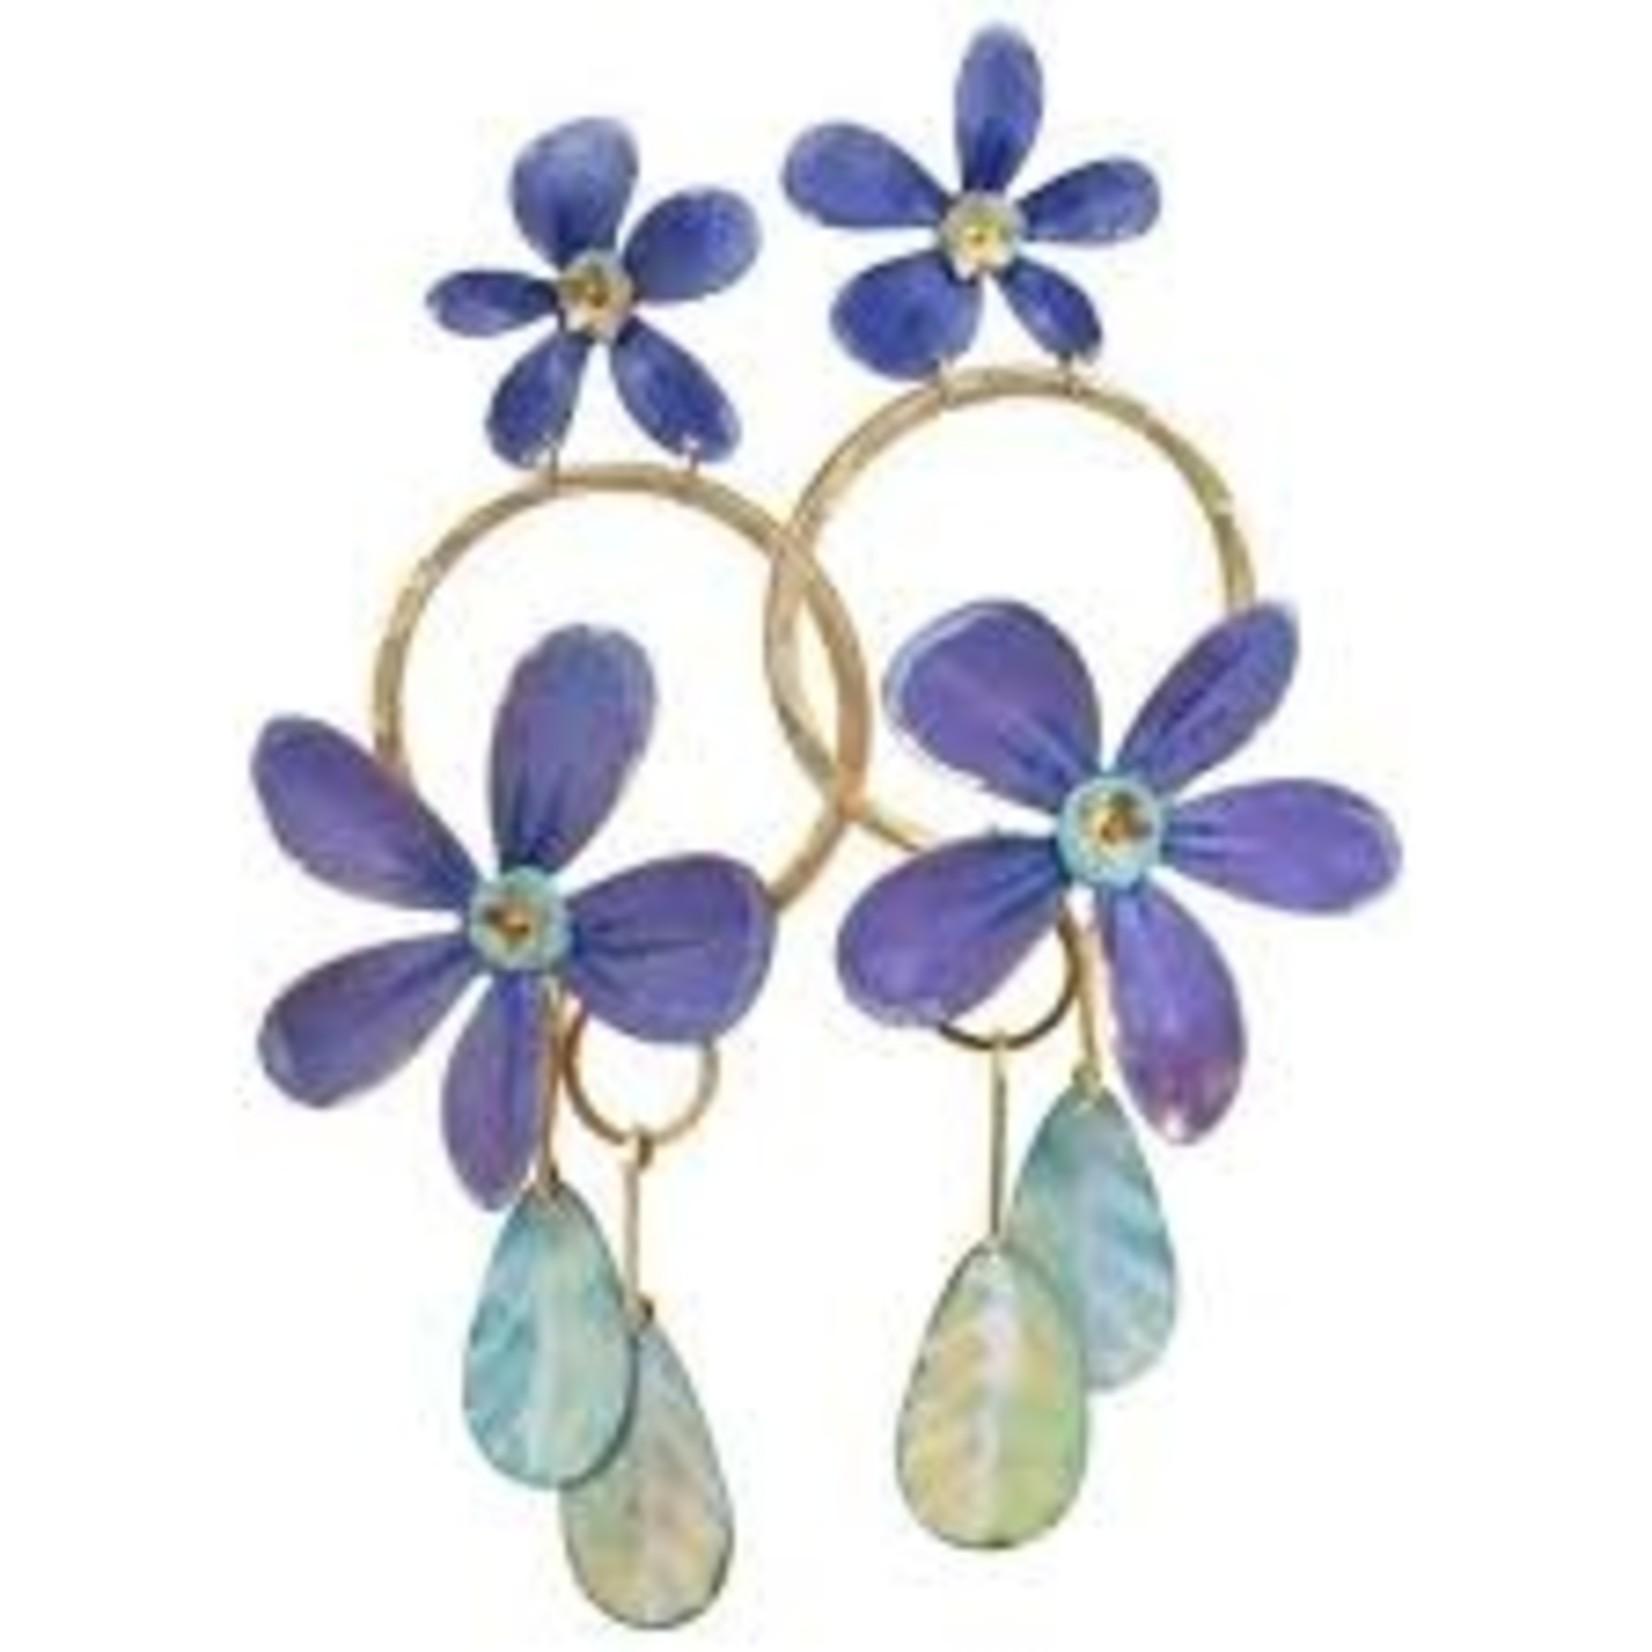 We Dream in Colour Samoa Handpainted Earrings